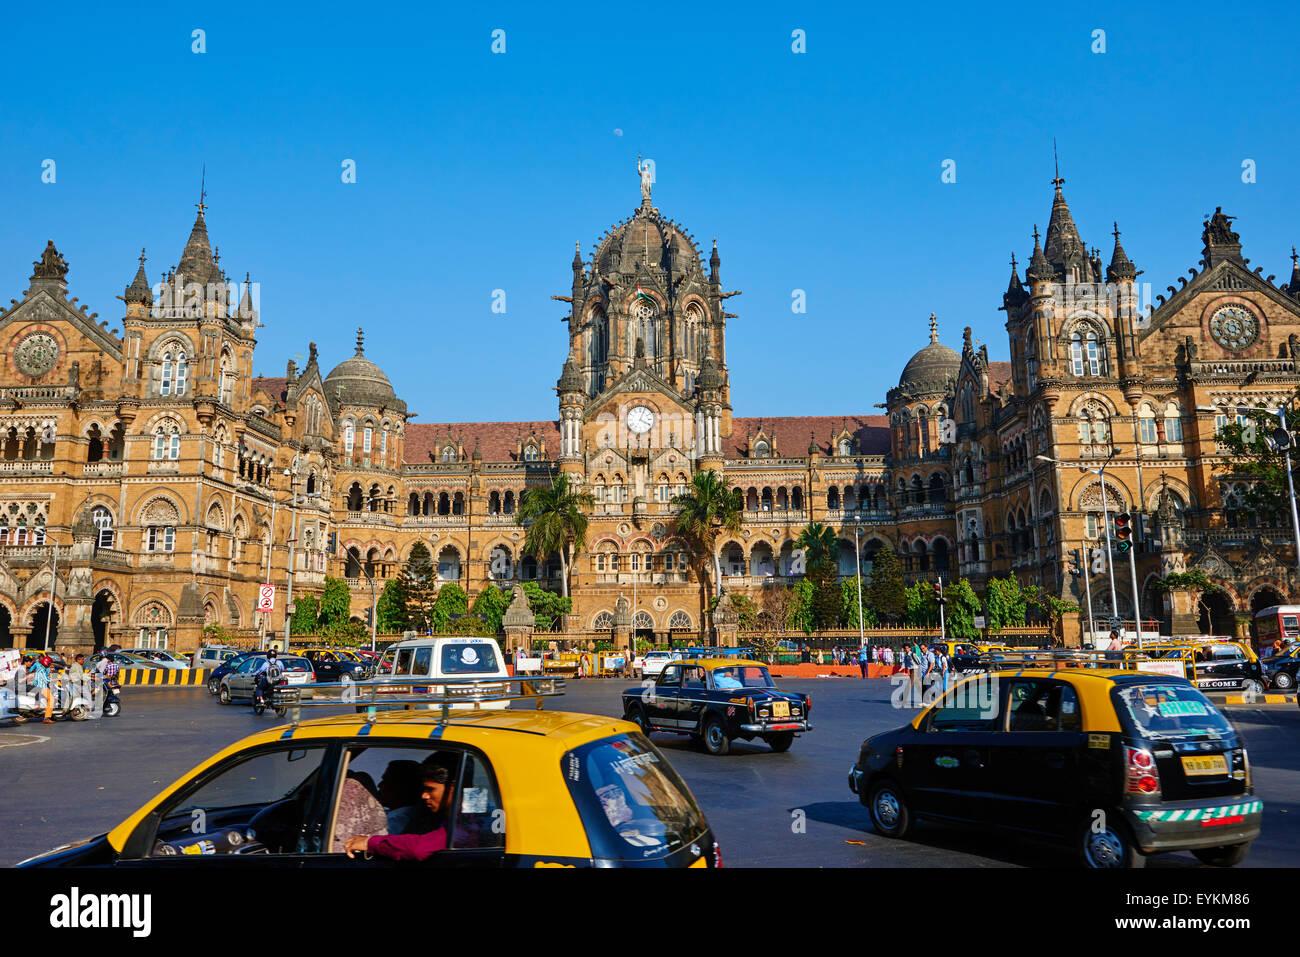 India, Maharashtra, Mumbai (Bombay), Victoria Terminus railways station or  Chhatrapati Shivaji - Stock Image